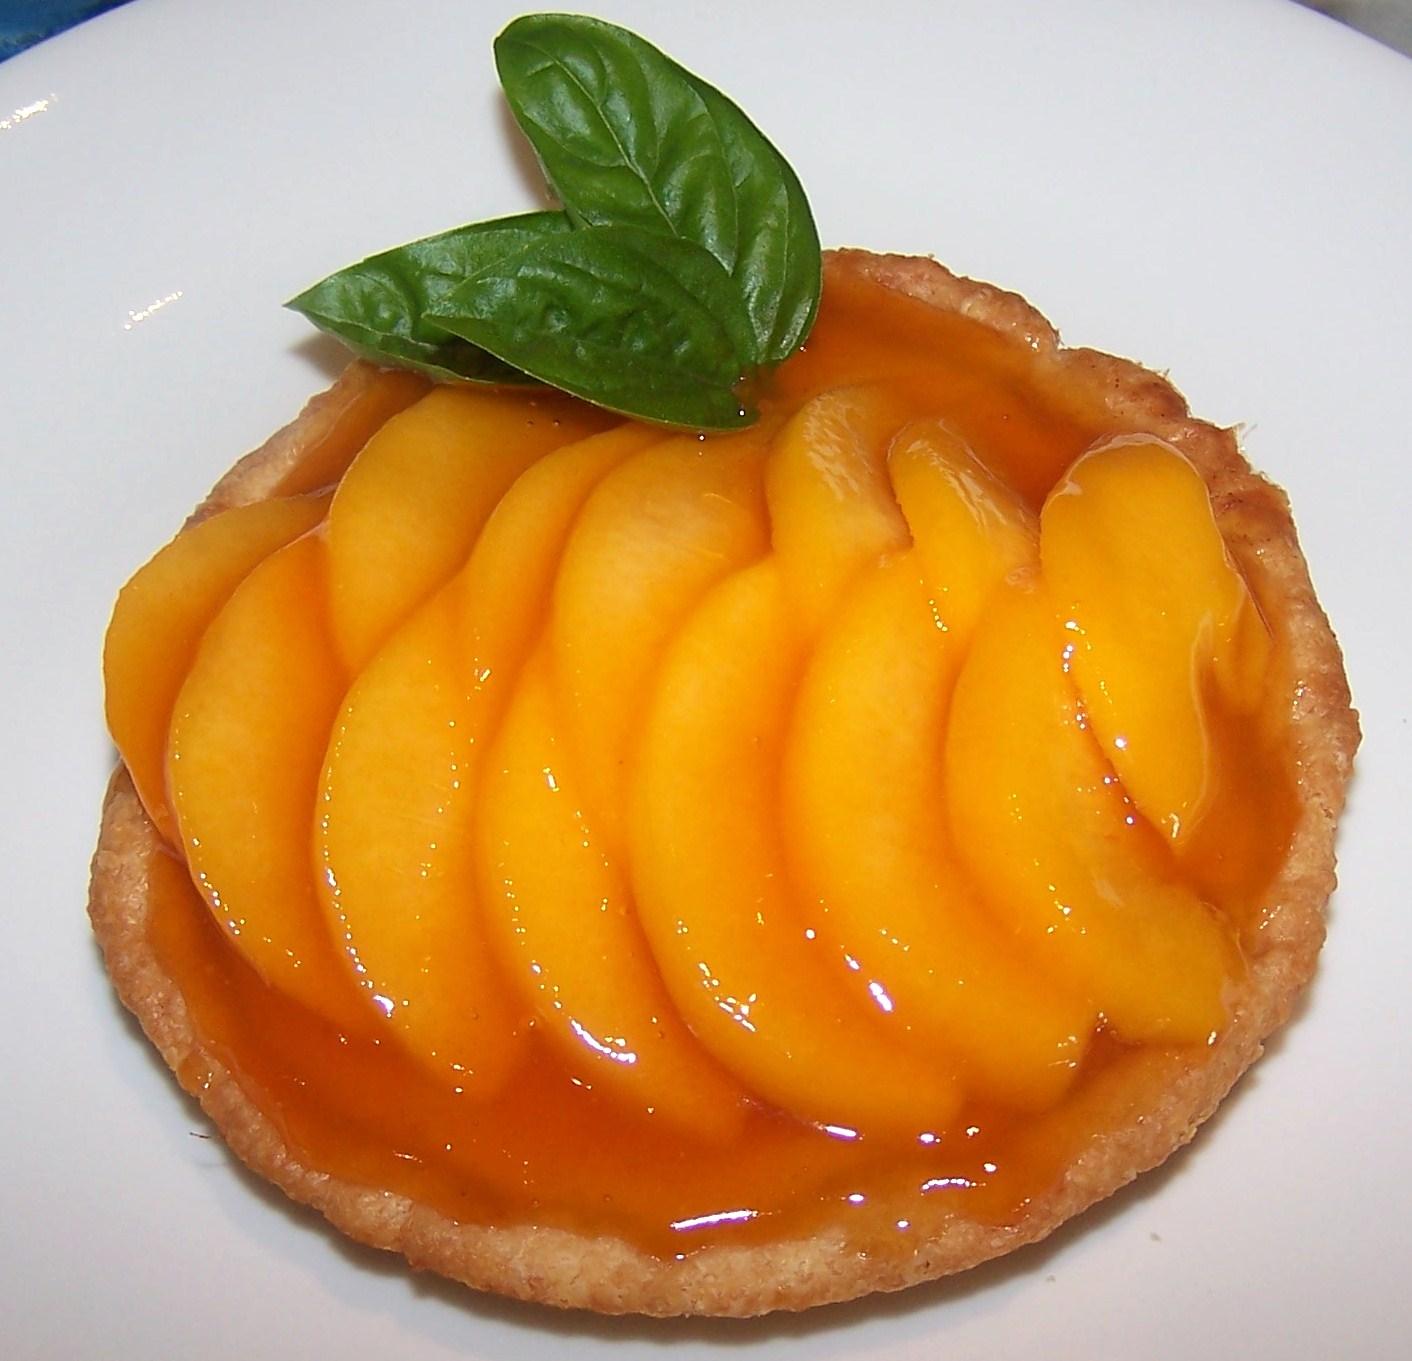 ... and below lacquered peach custard tarts luscious clingstone peaches